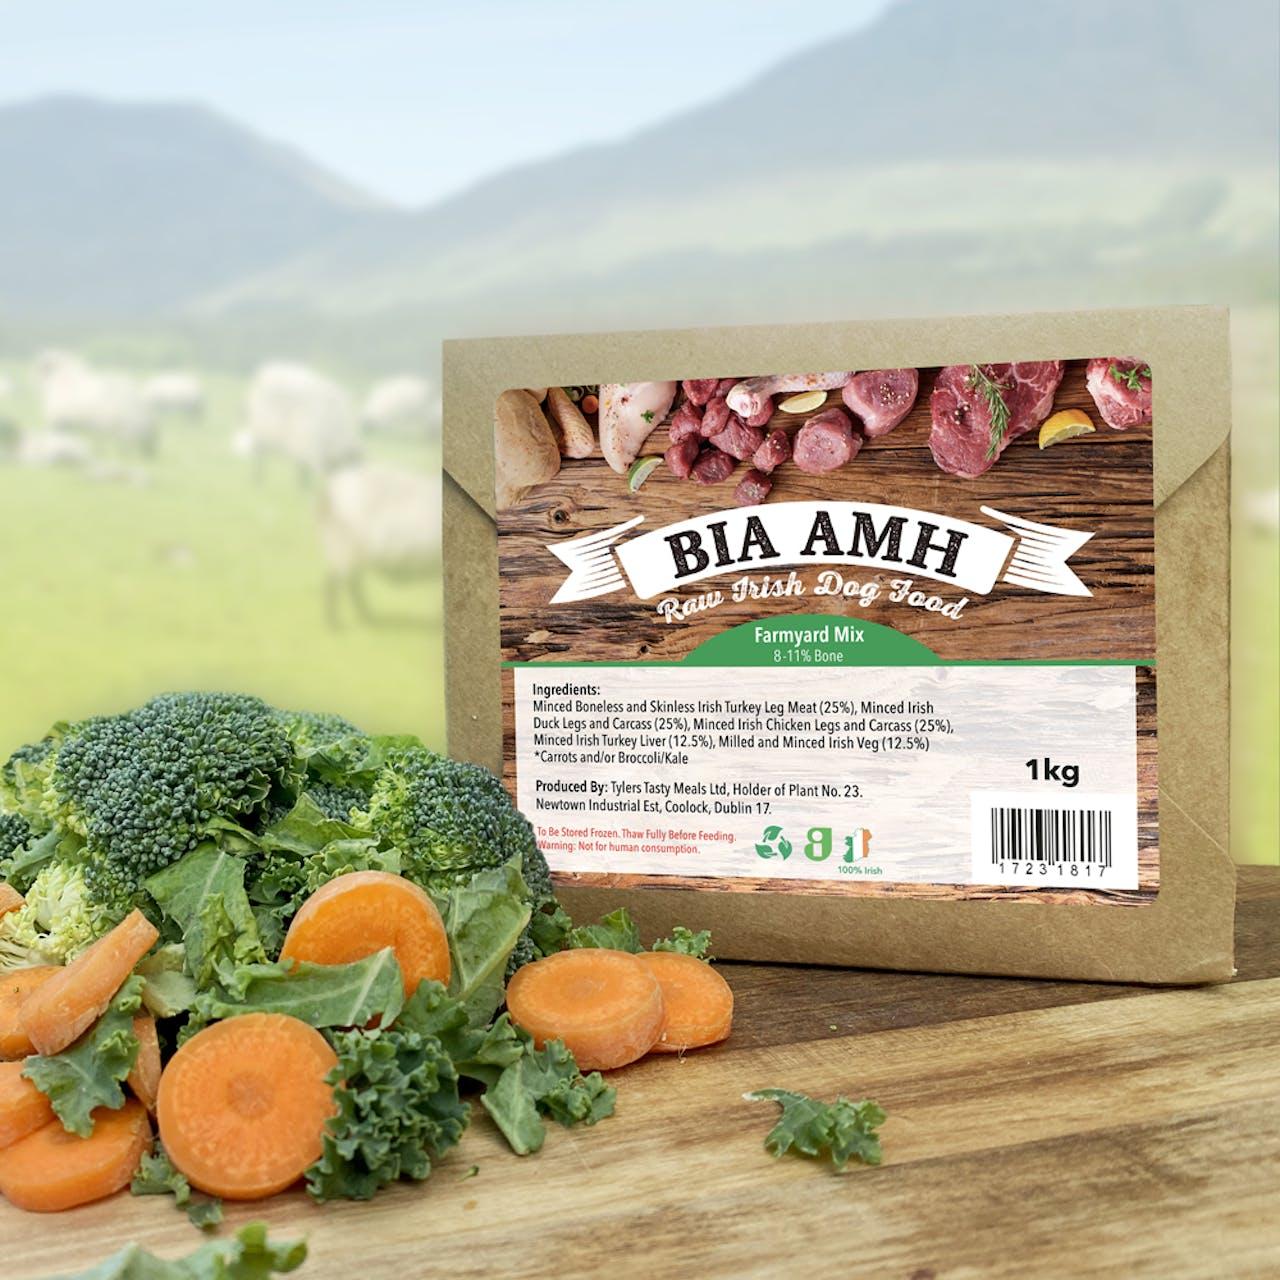 BIA AMH -  FARMYARD MIX